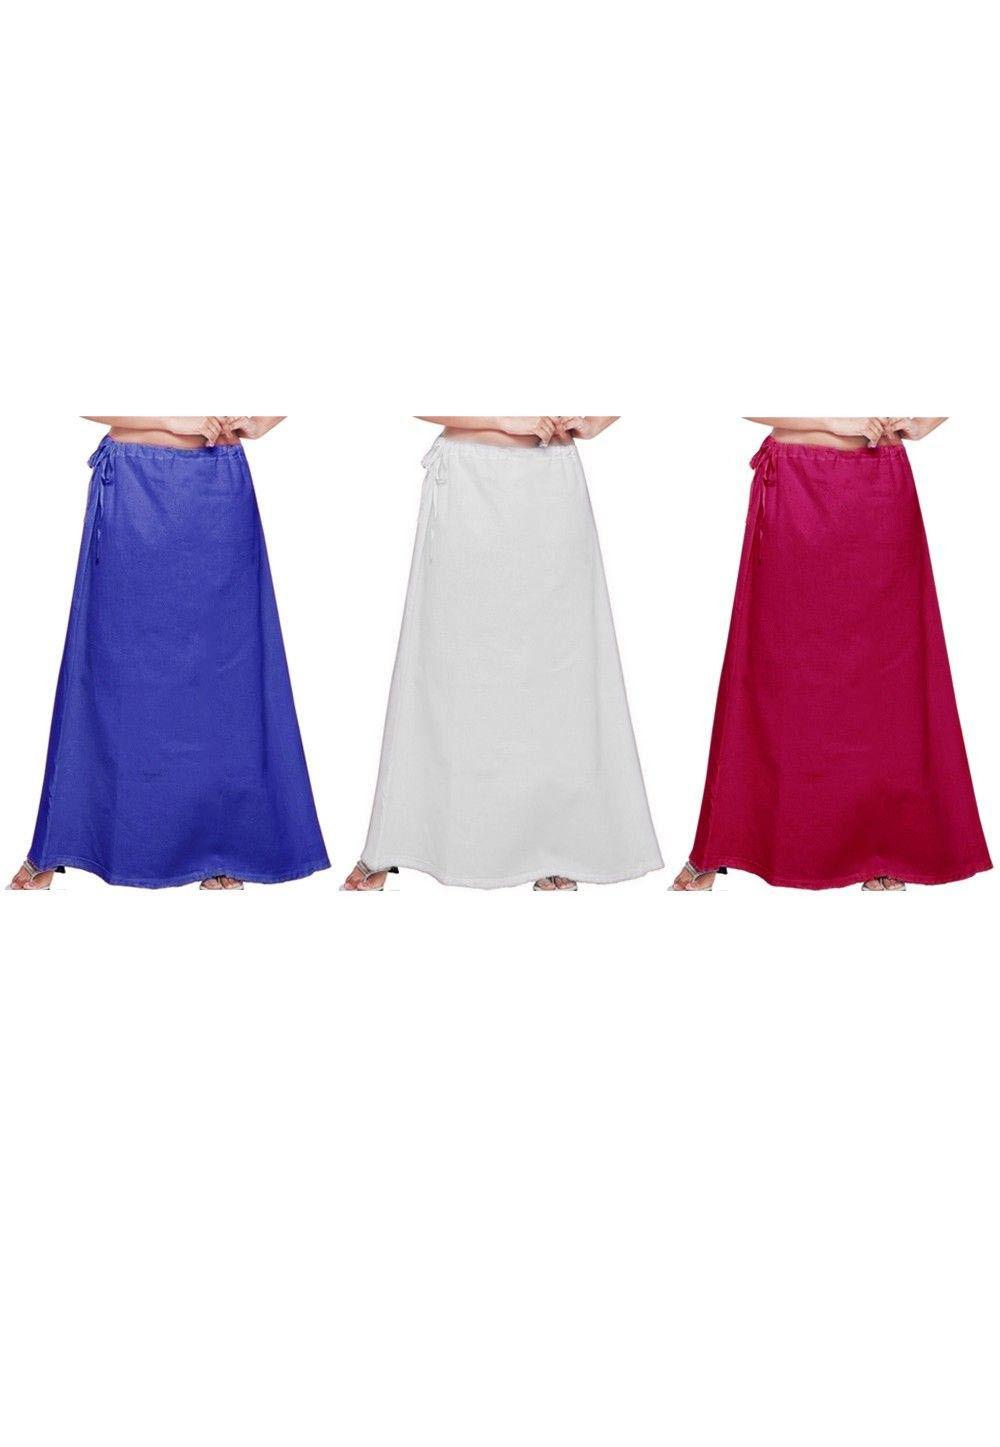 Combo Set Cotton Petticoat in Blue, White and Fuchsia